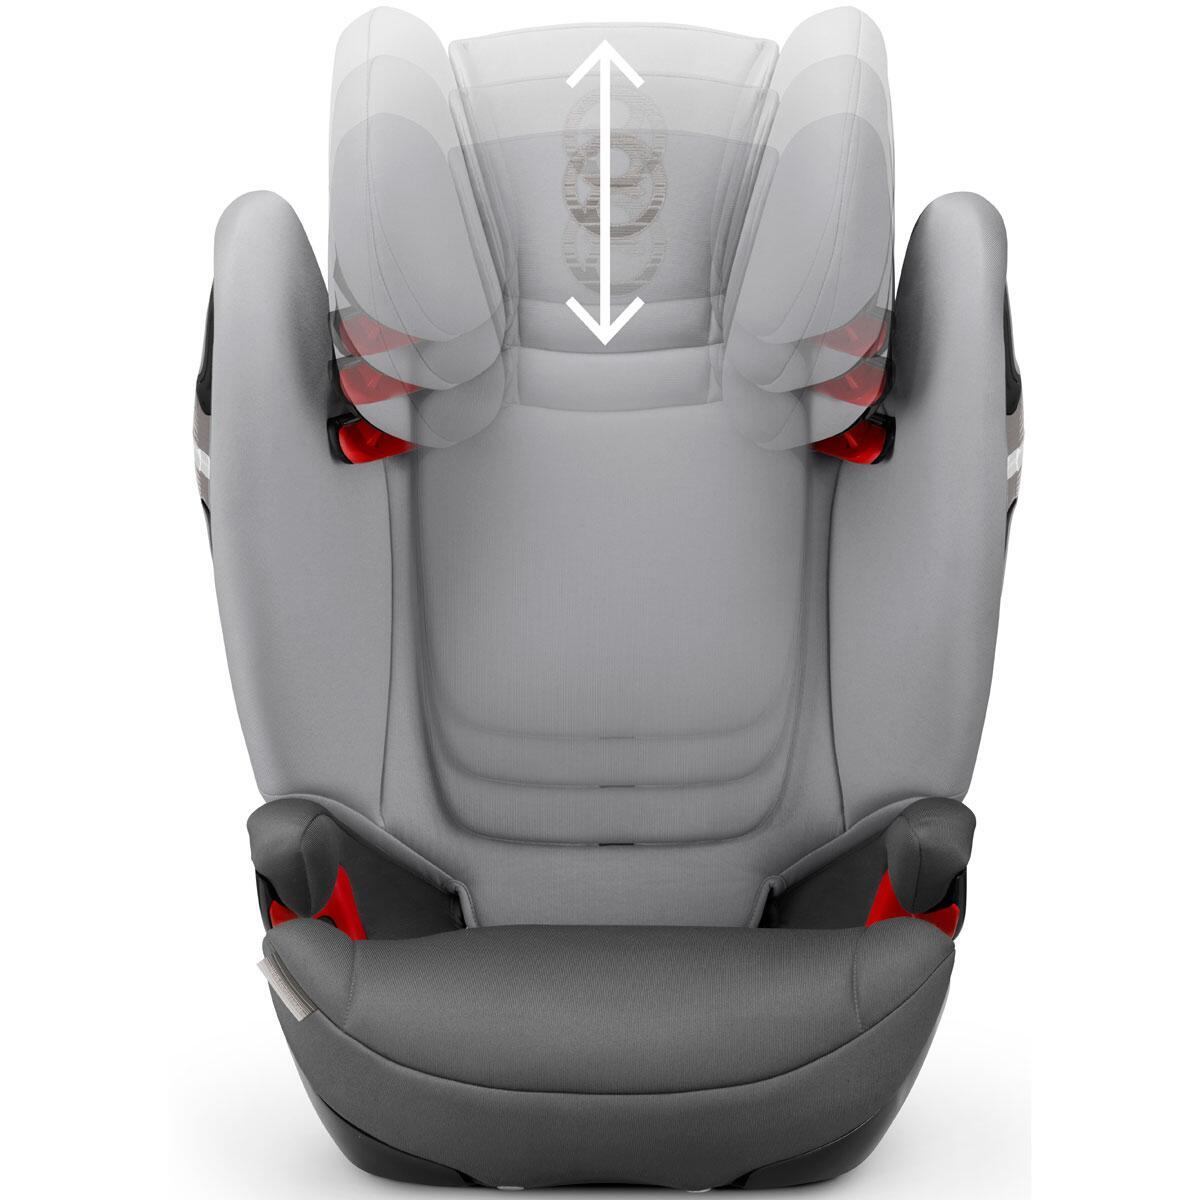 Cybex Solution Q3 Fix >> Cybex silla de coche solution s fix | SillasAuto